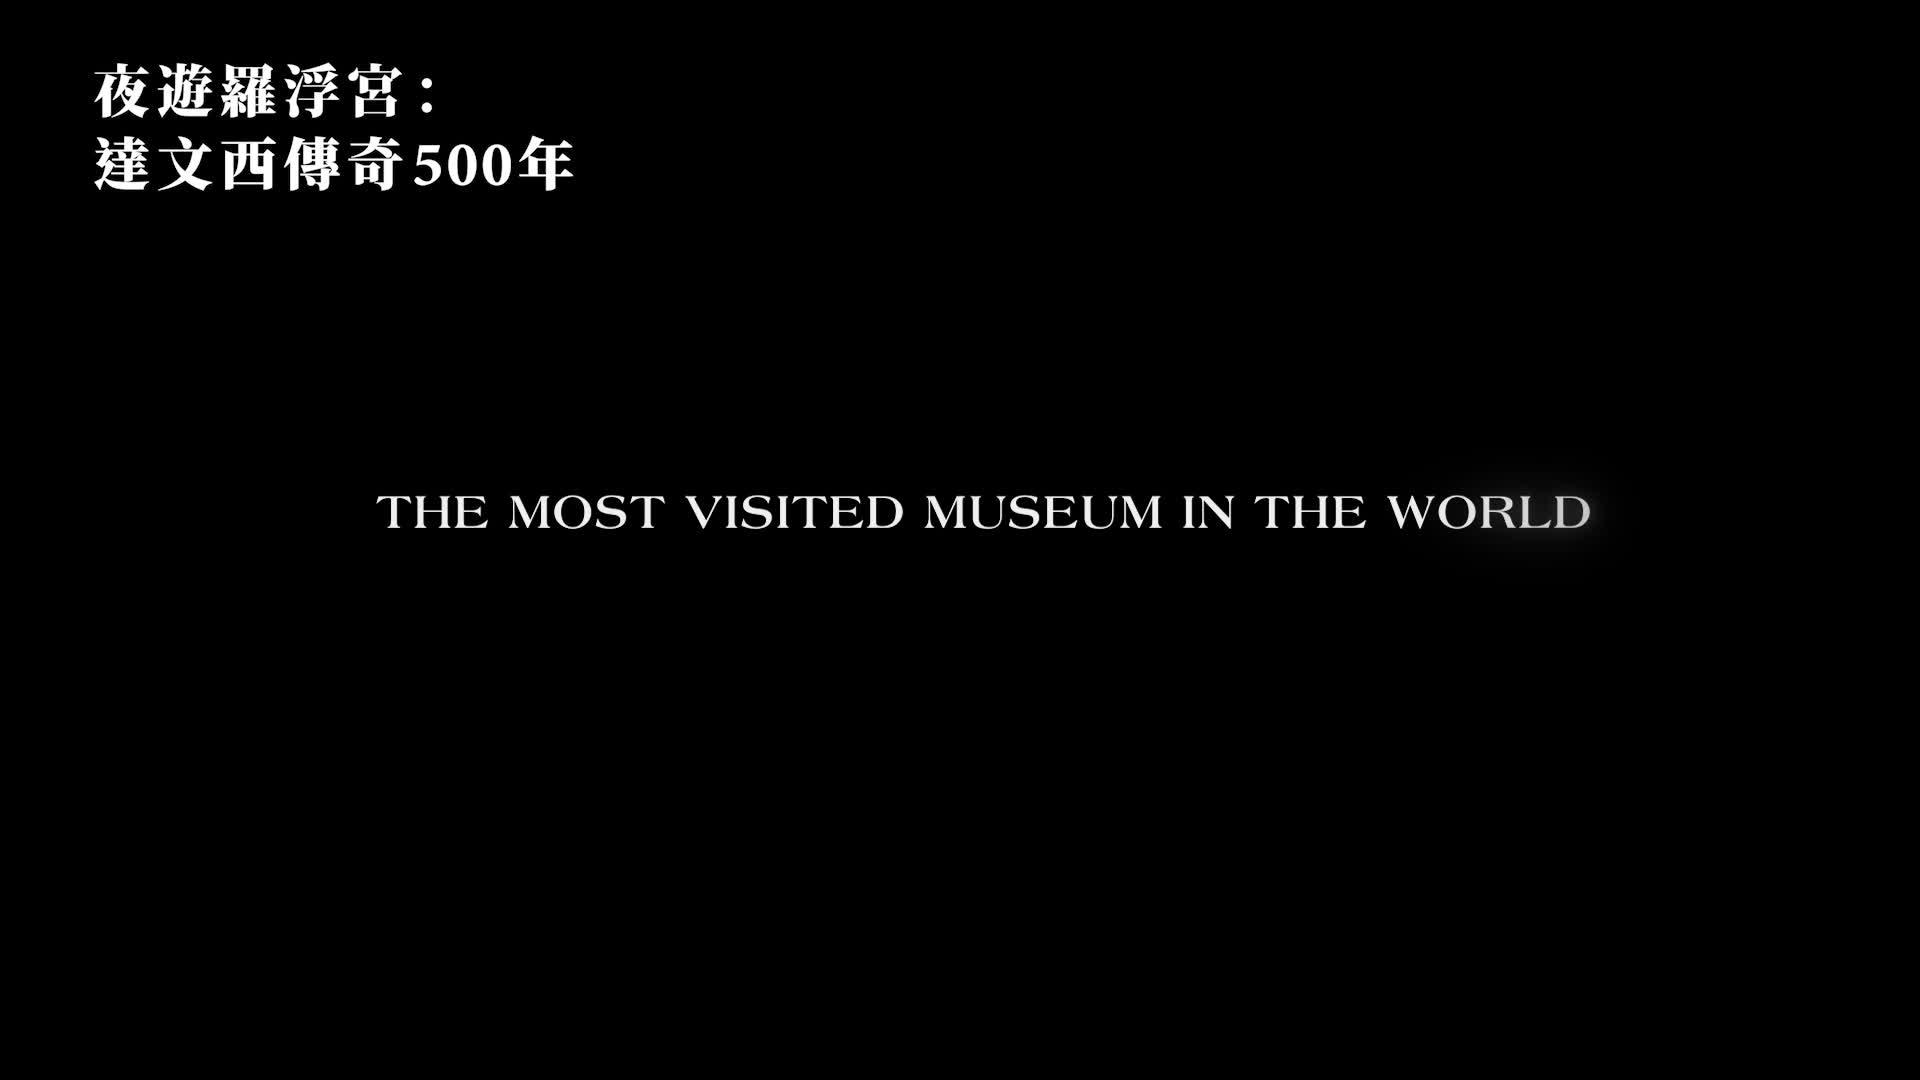 《夜遊羅浮宮:達文西傳奇500年》電影預告